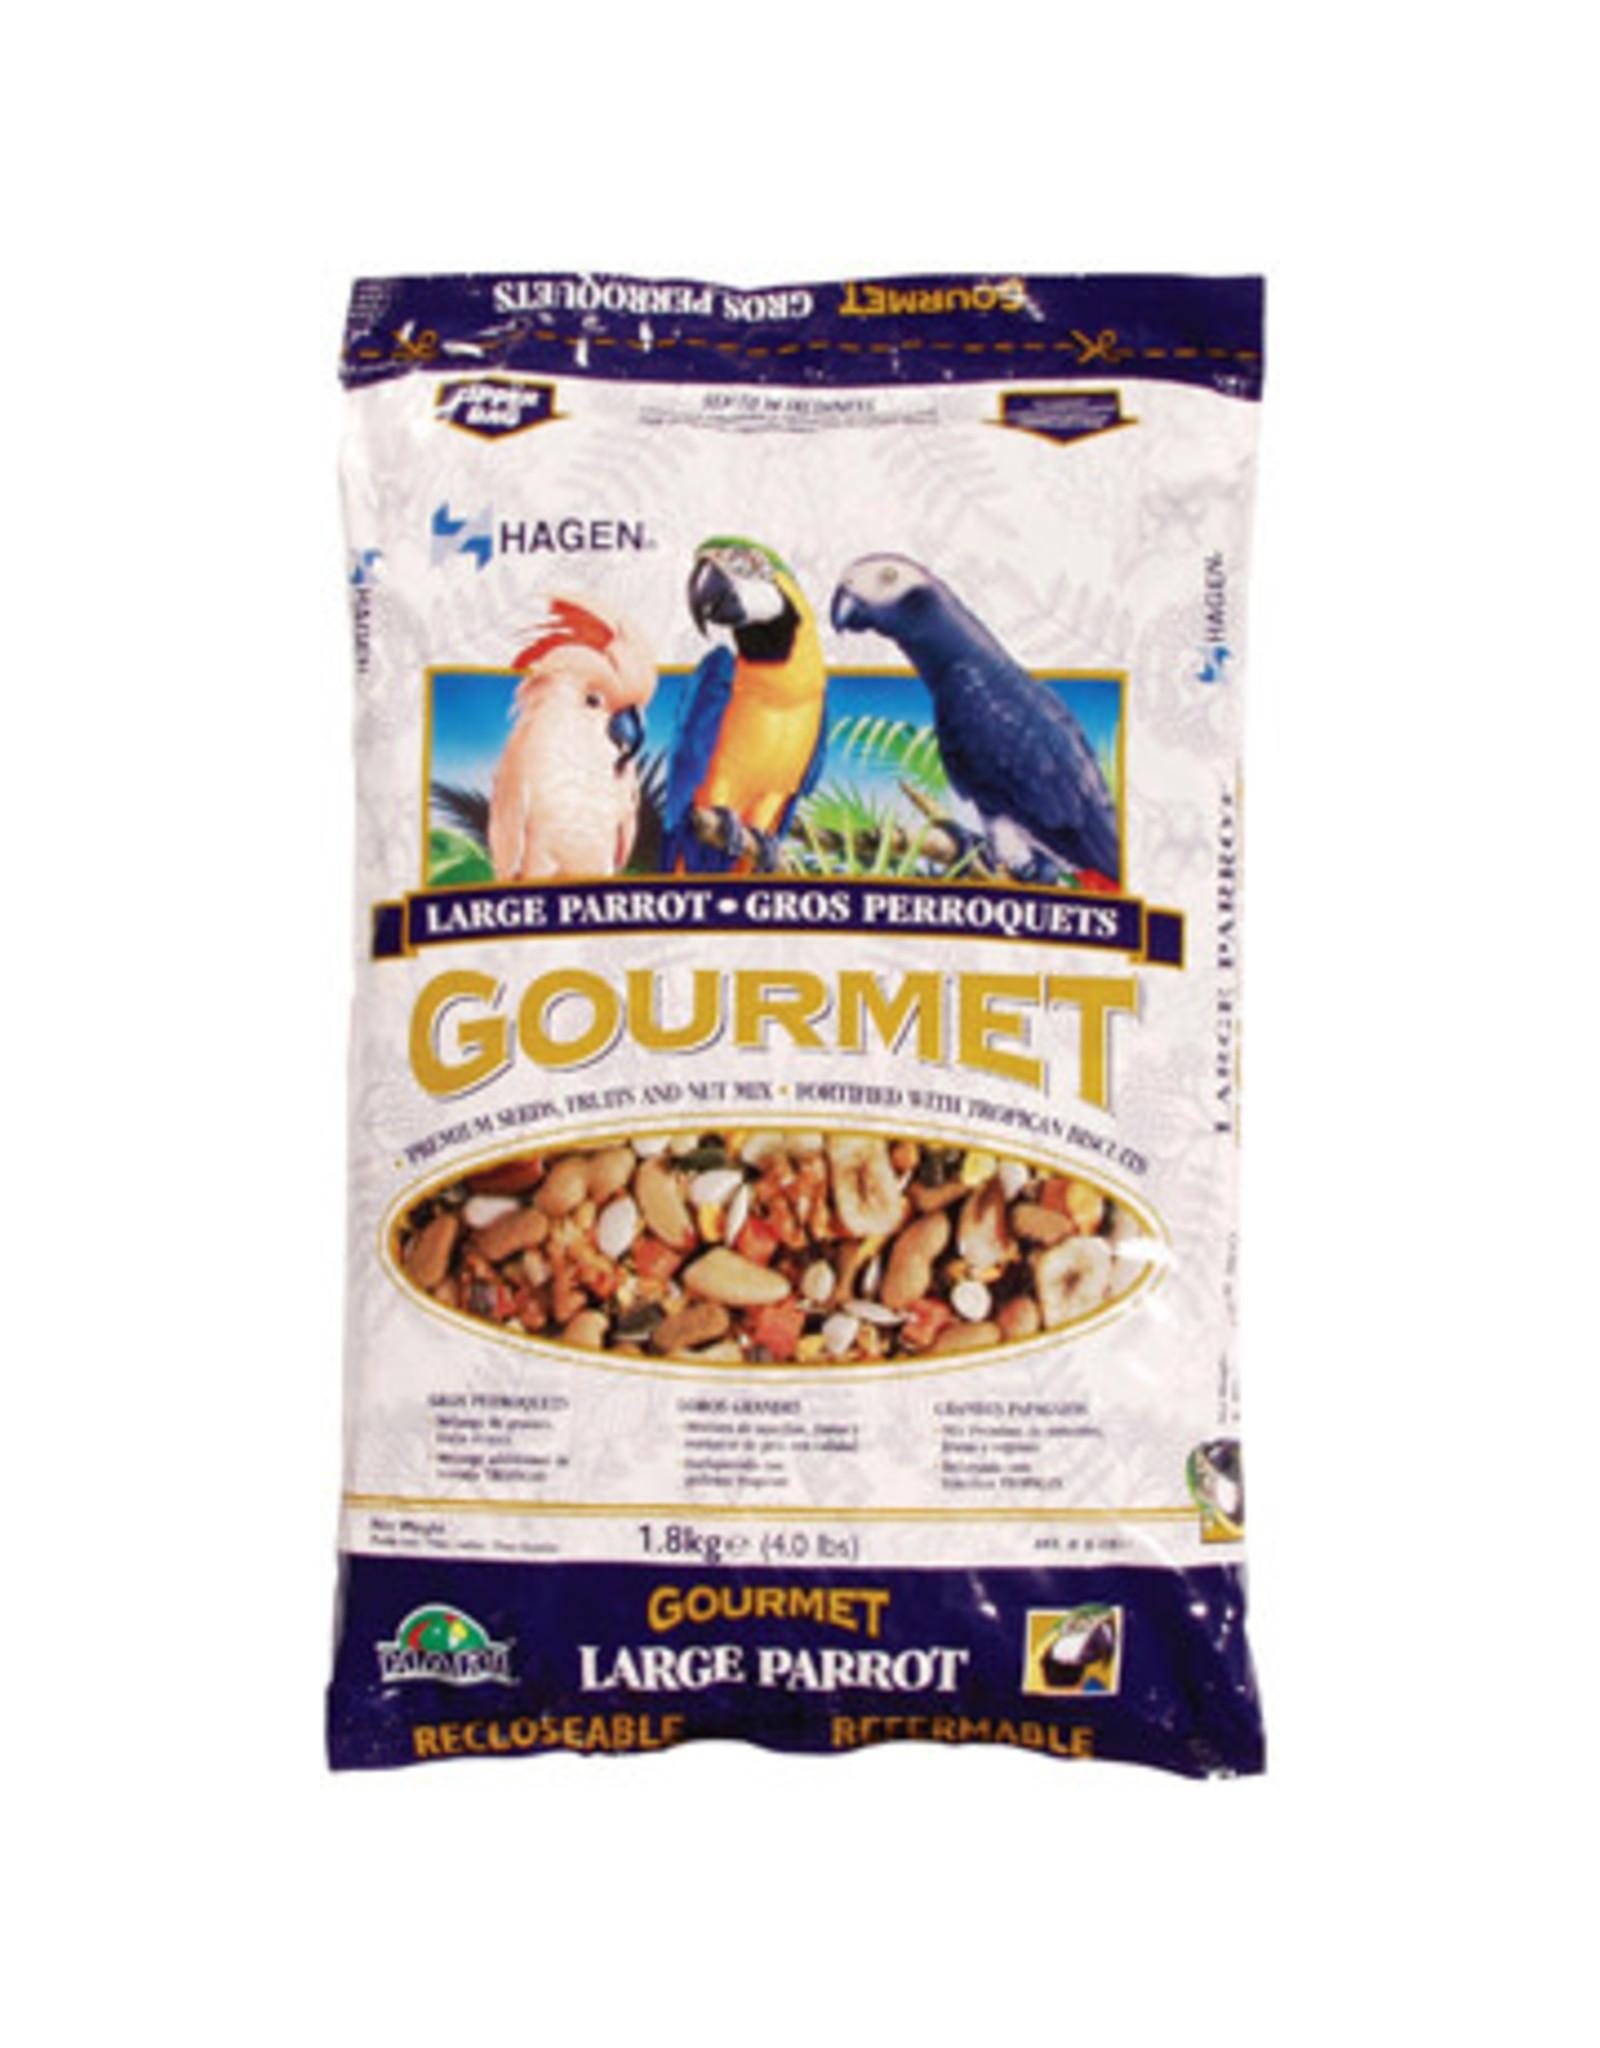 HG - Hagen Hagen Large Parrot Gourmet Seed Mix 1.8kg-V